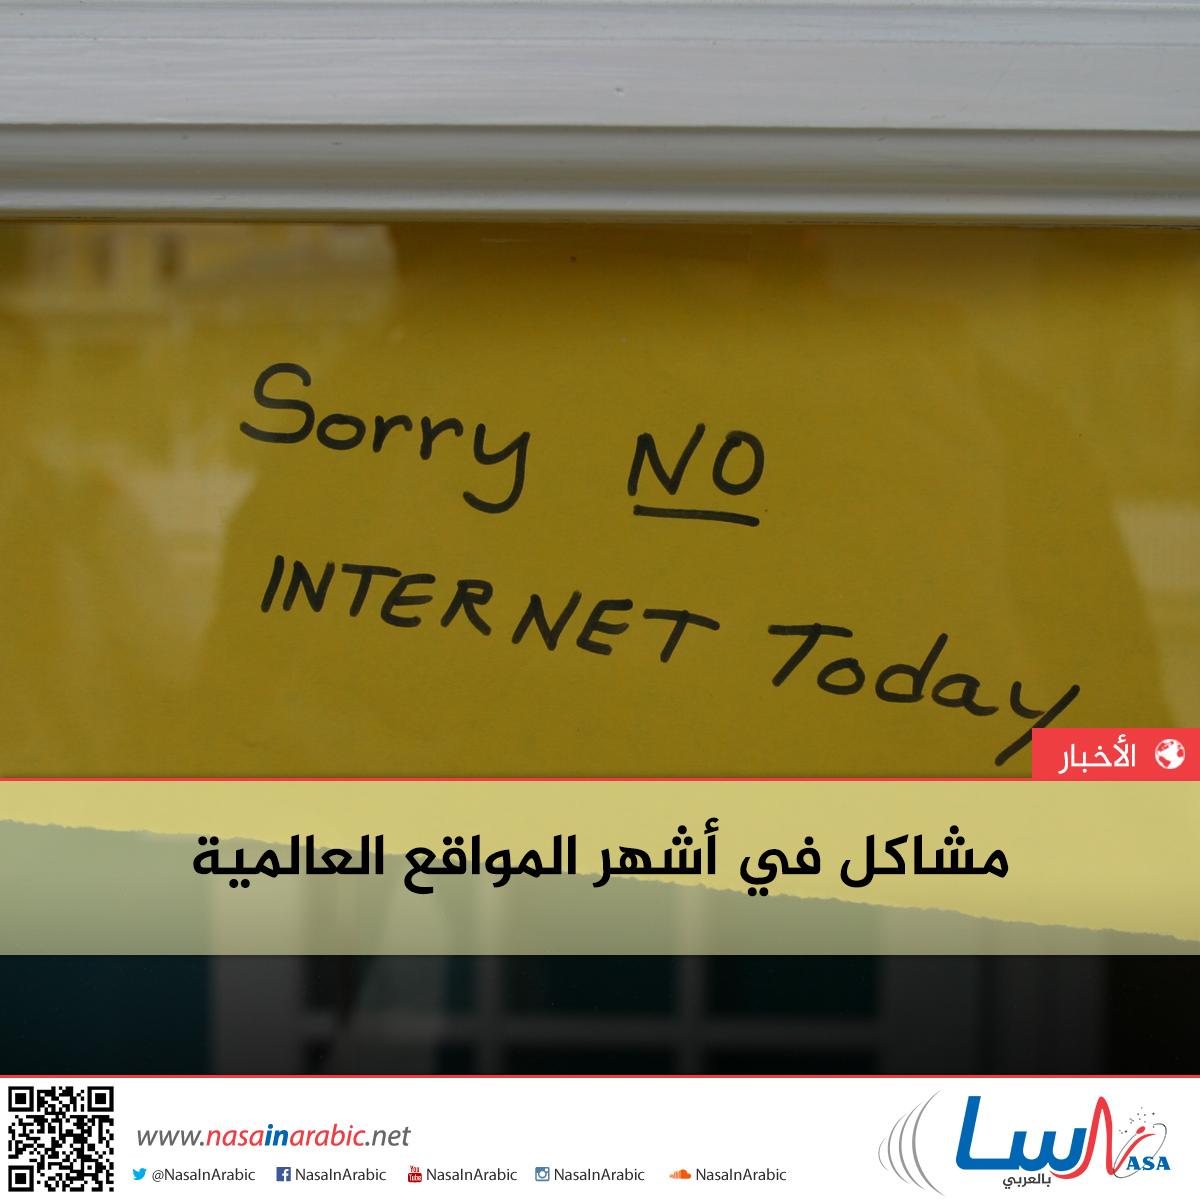 مشاكل في أشهر المواقع العالمية